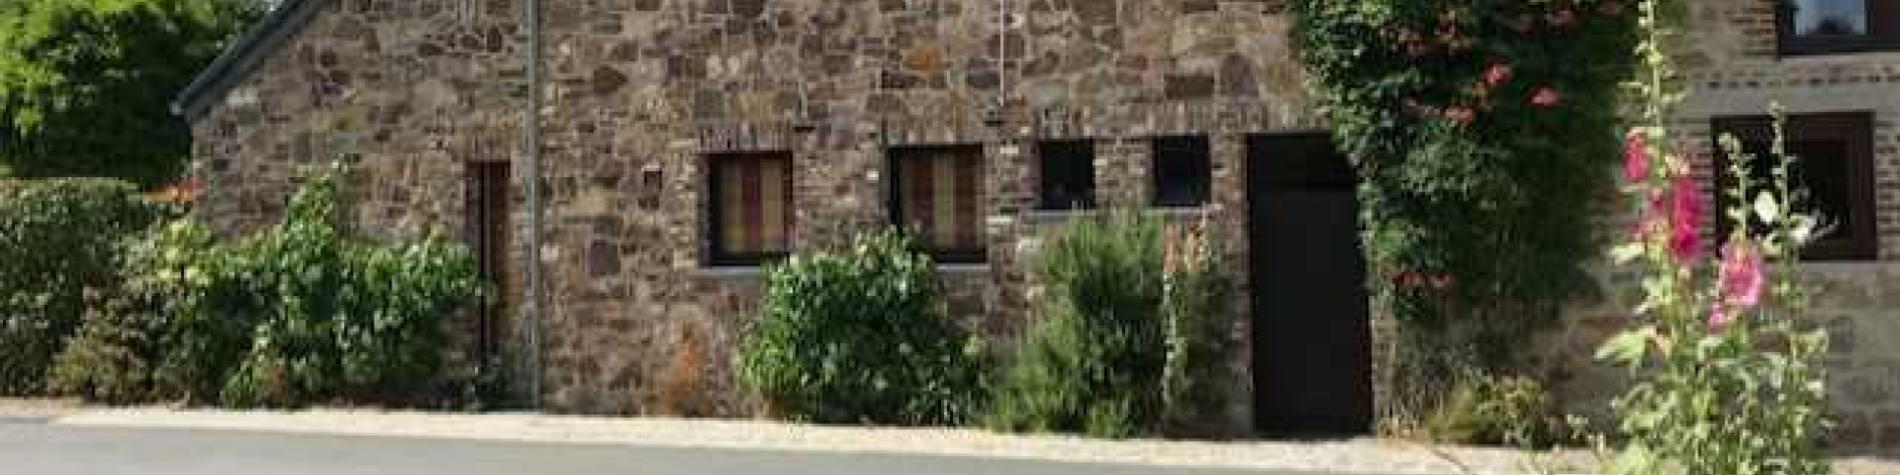 Gîte rural - Gîtes du Plateau Ciel - Bois-de-Villers